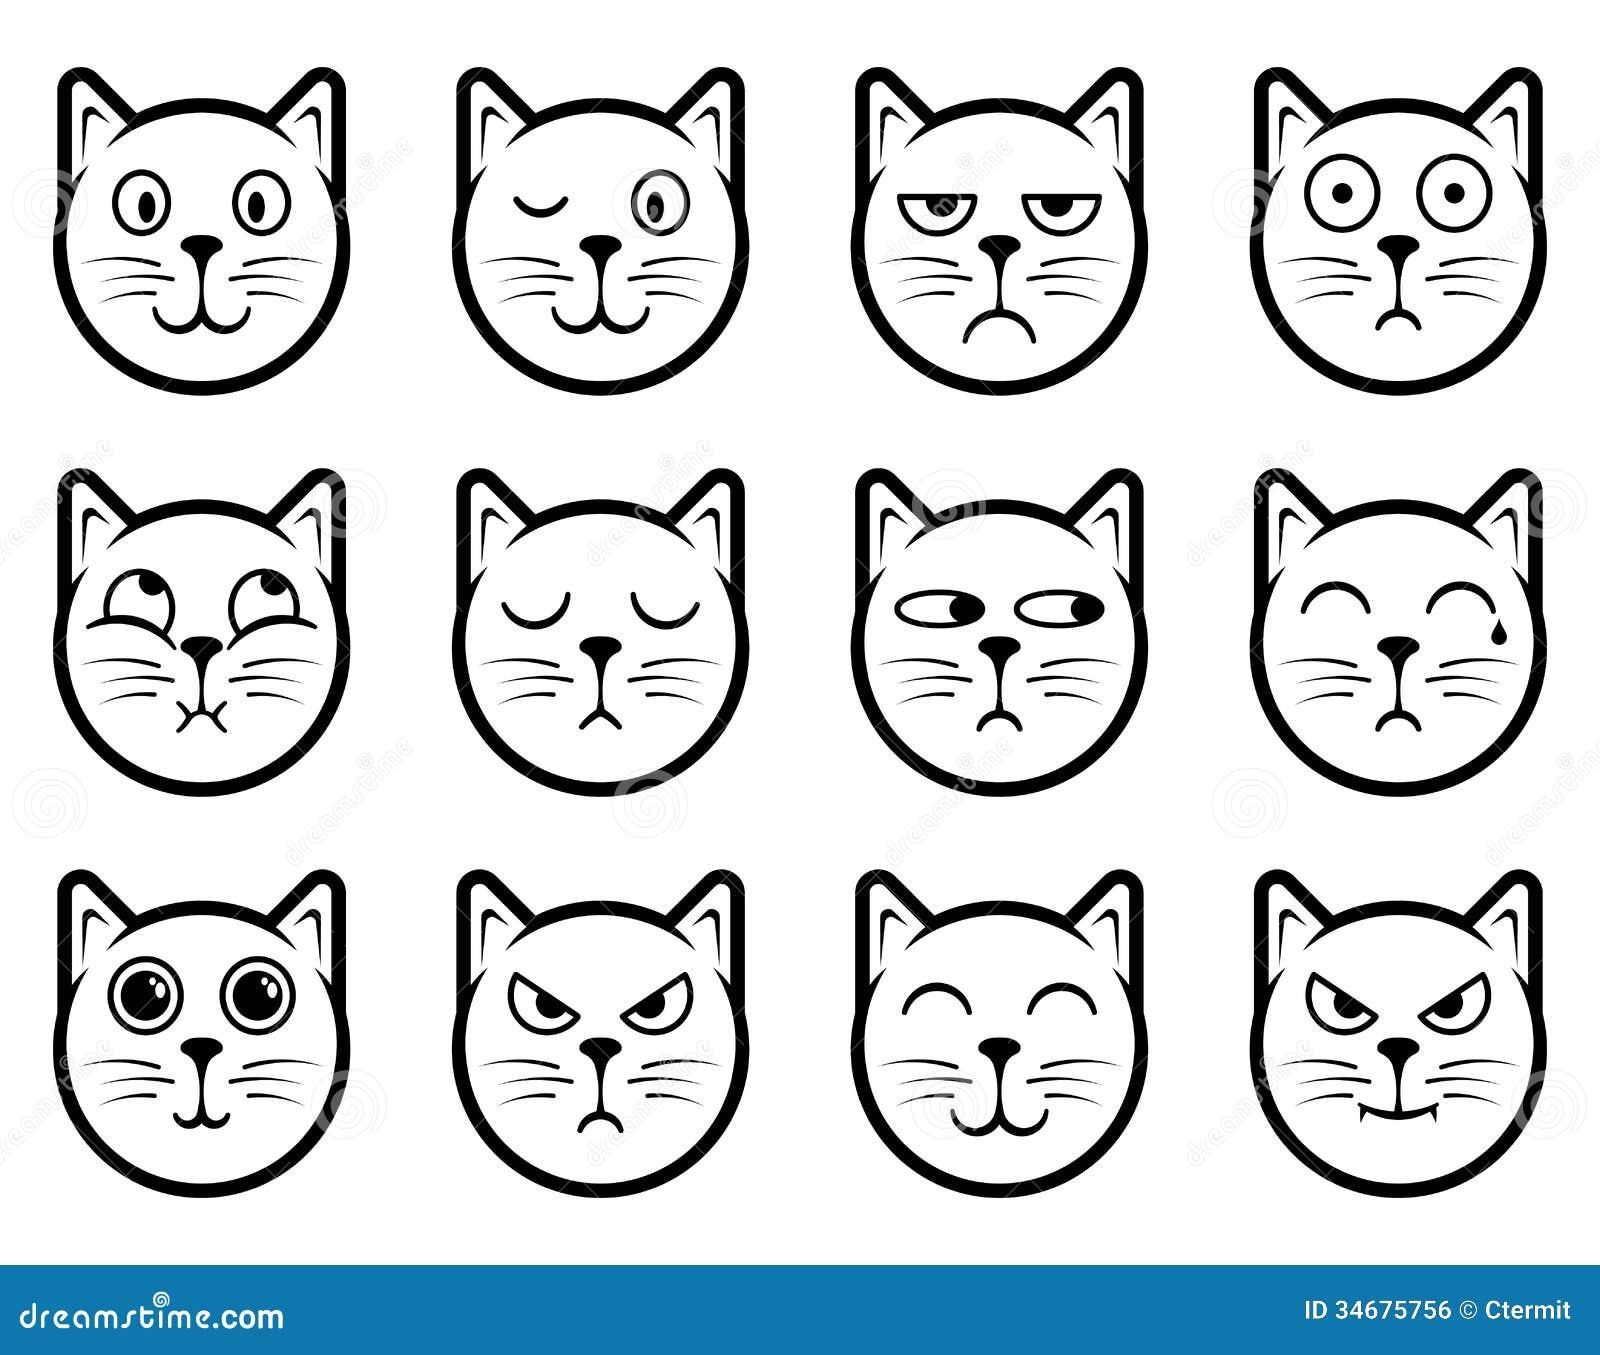 Cat Smiley Emoticon